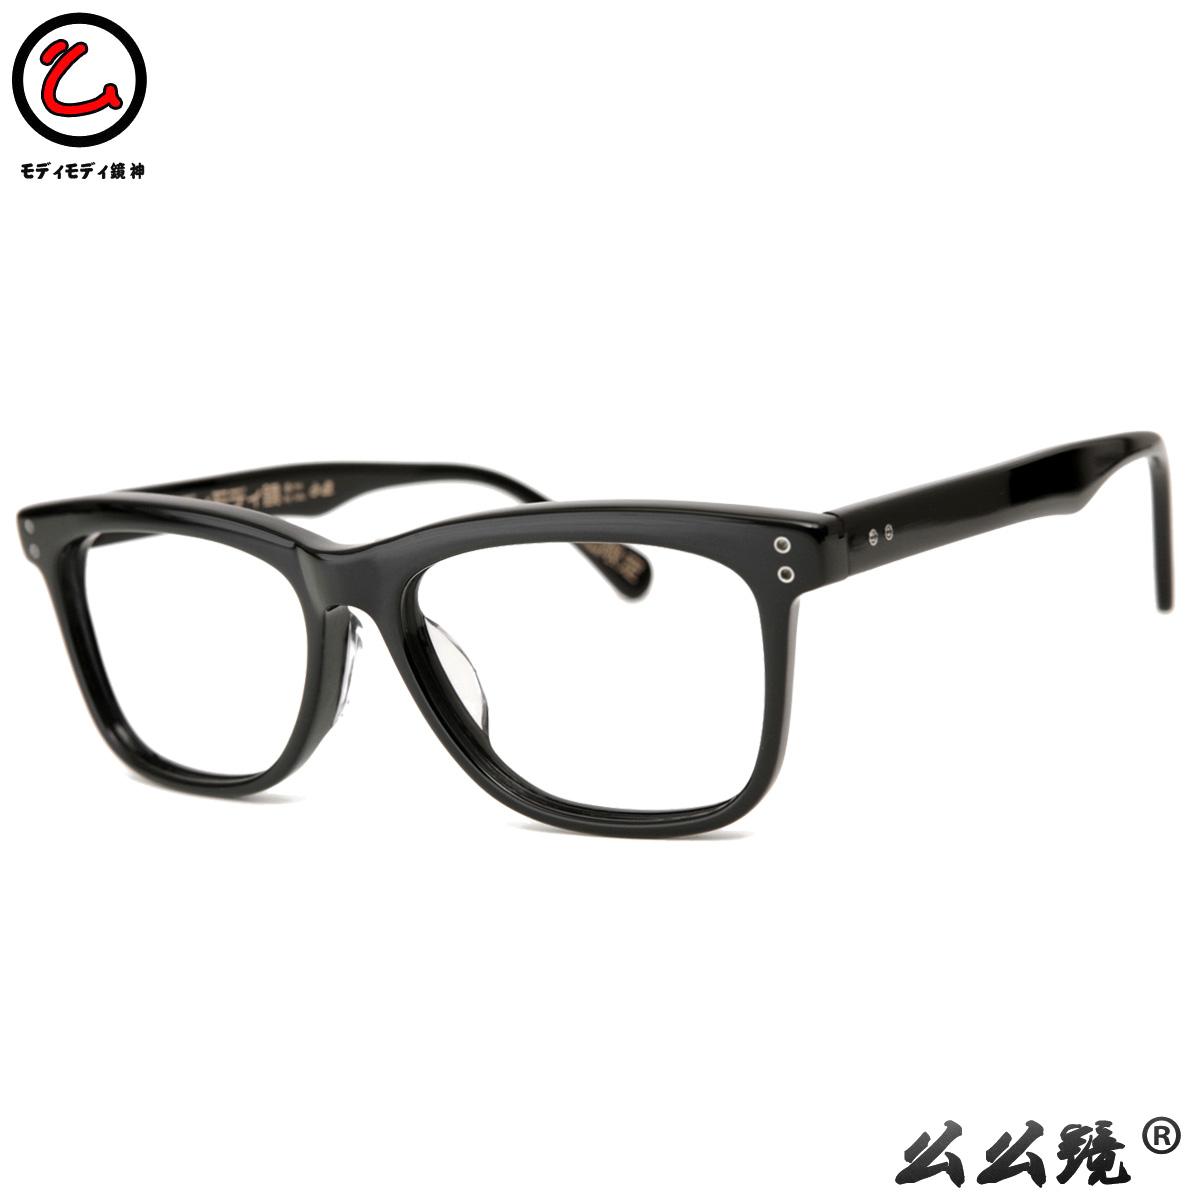 Eyeglasses frames in style - Eyeglass Frame Styles Dj90 Eyeglass Frame Styles